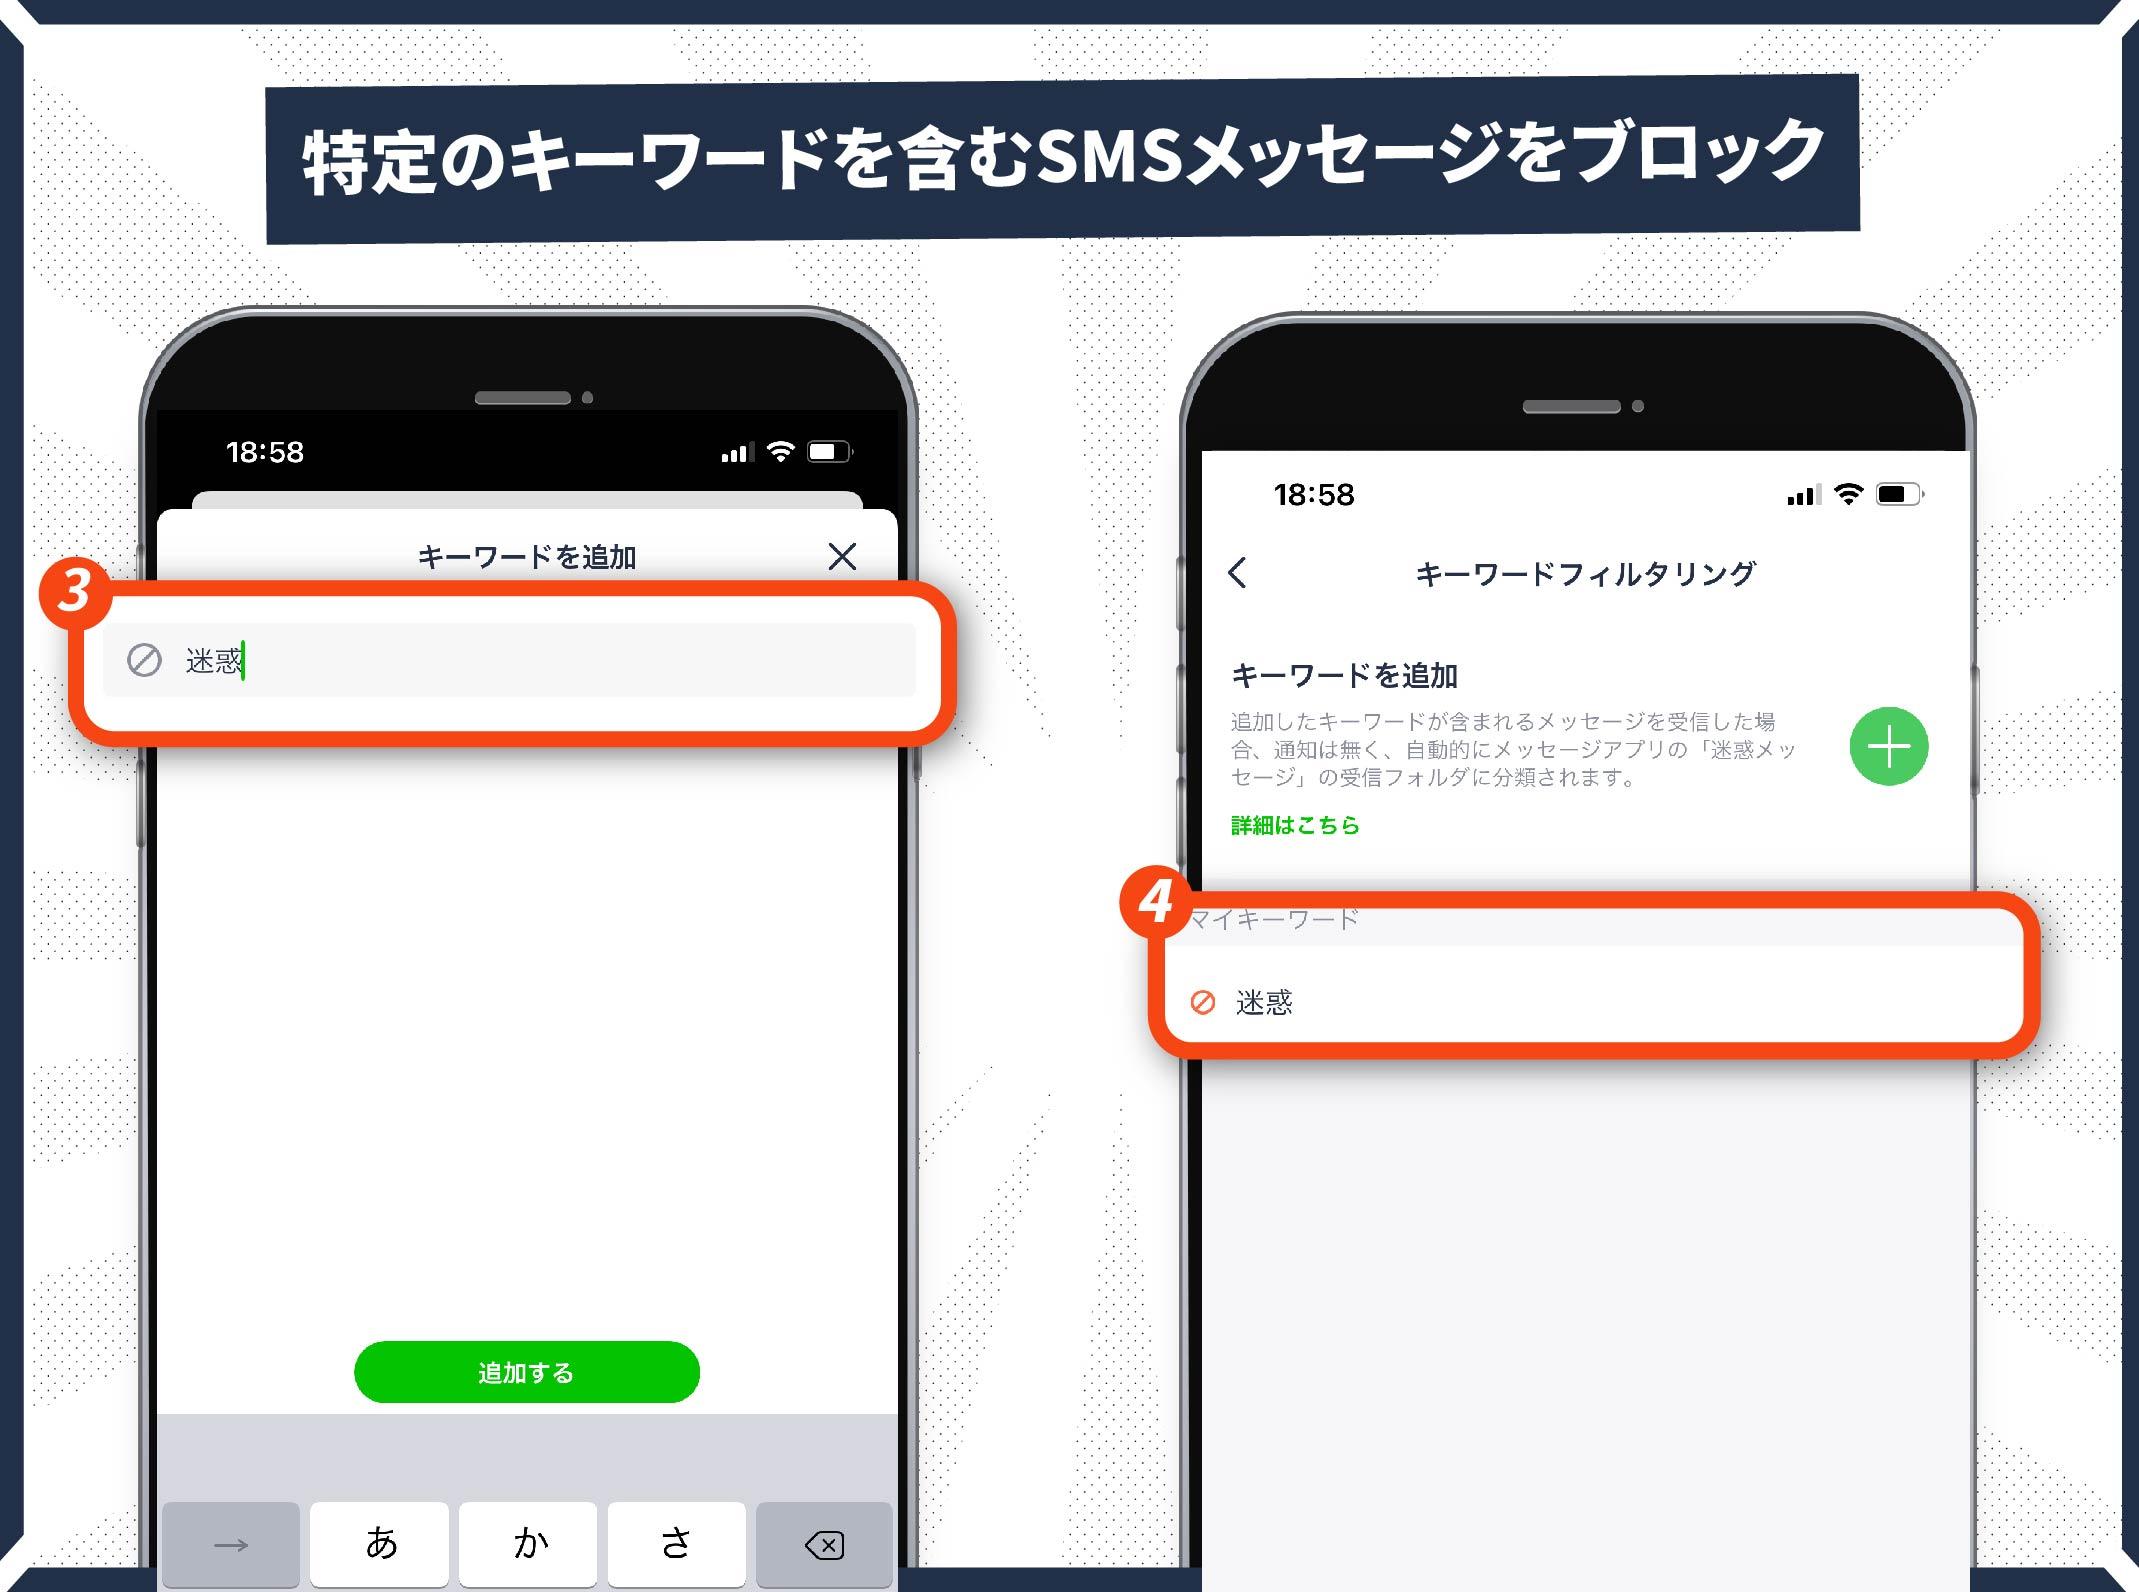 SMSメッセージの「キーワードフィルタリング」機能